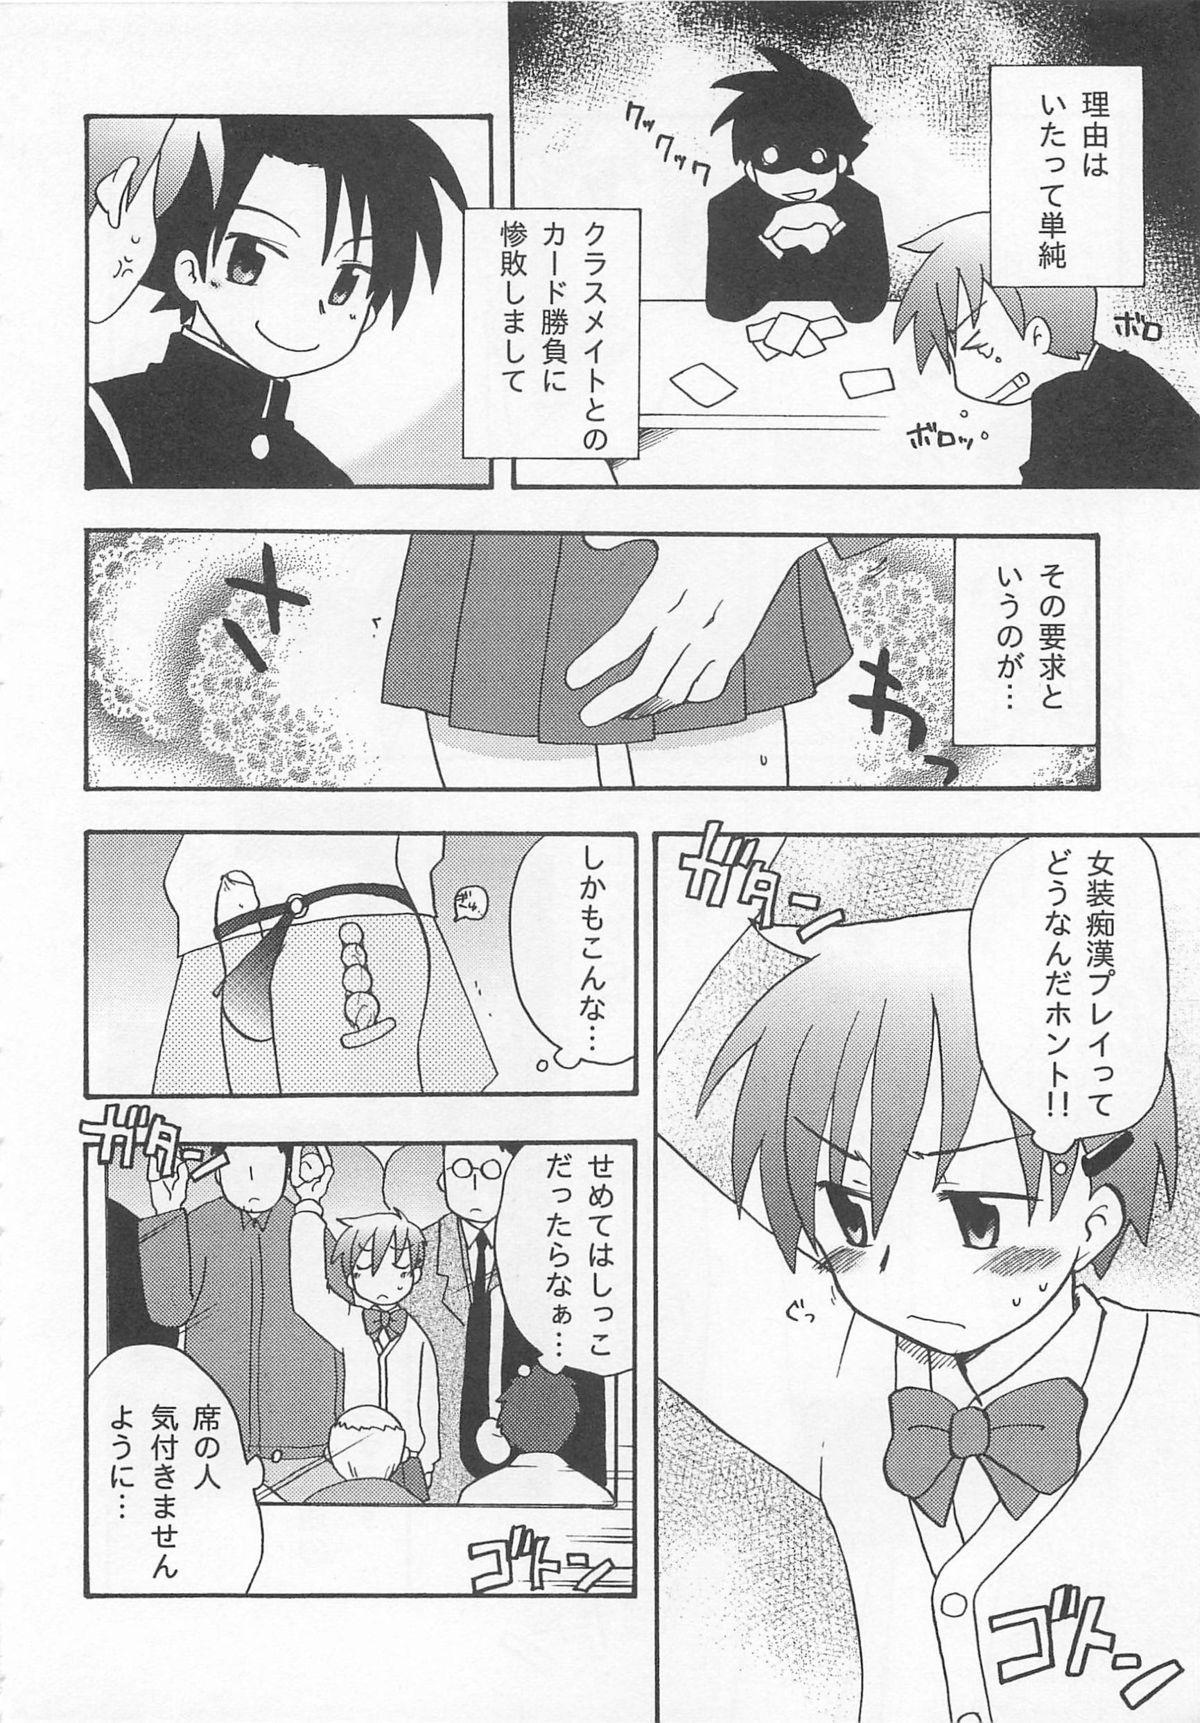 Otokonoko HEAVEN Vol. 01 Meganekko 96